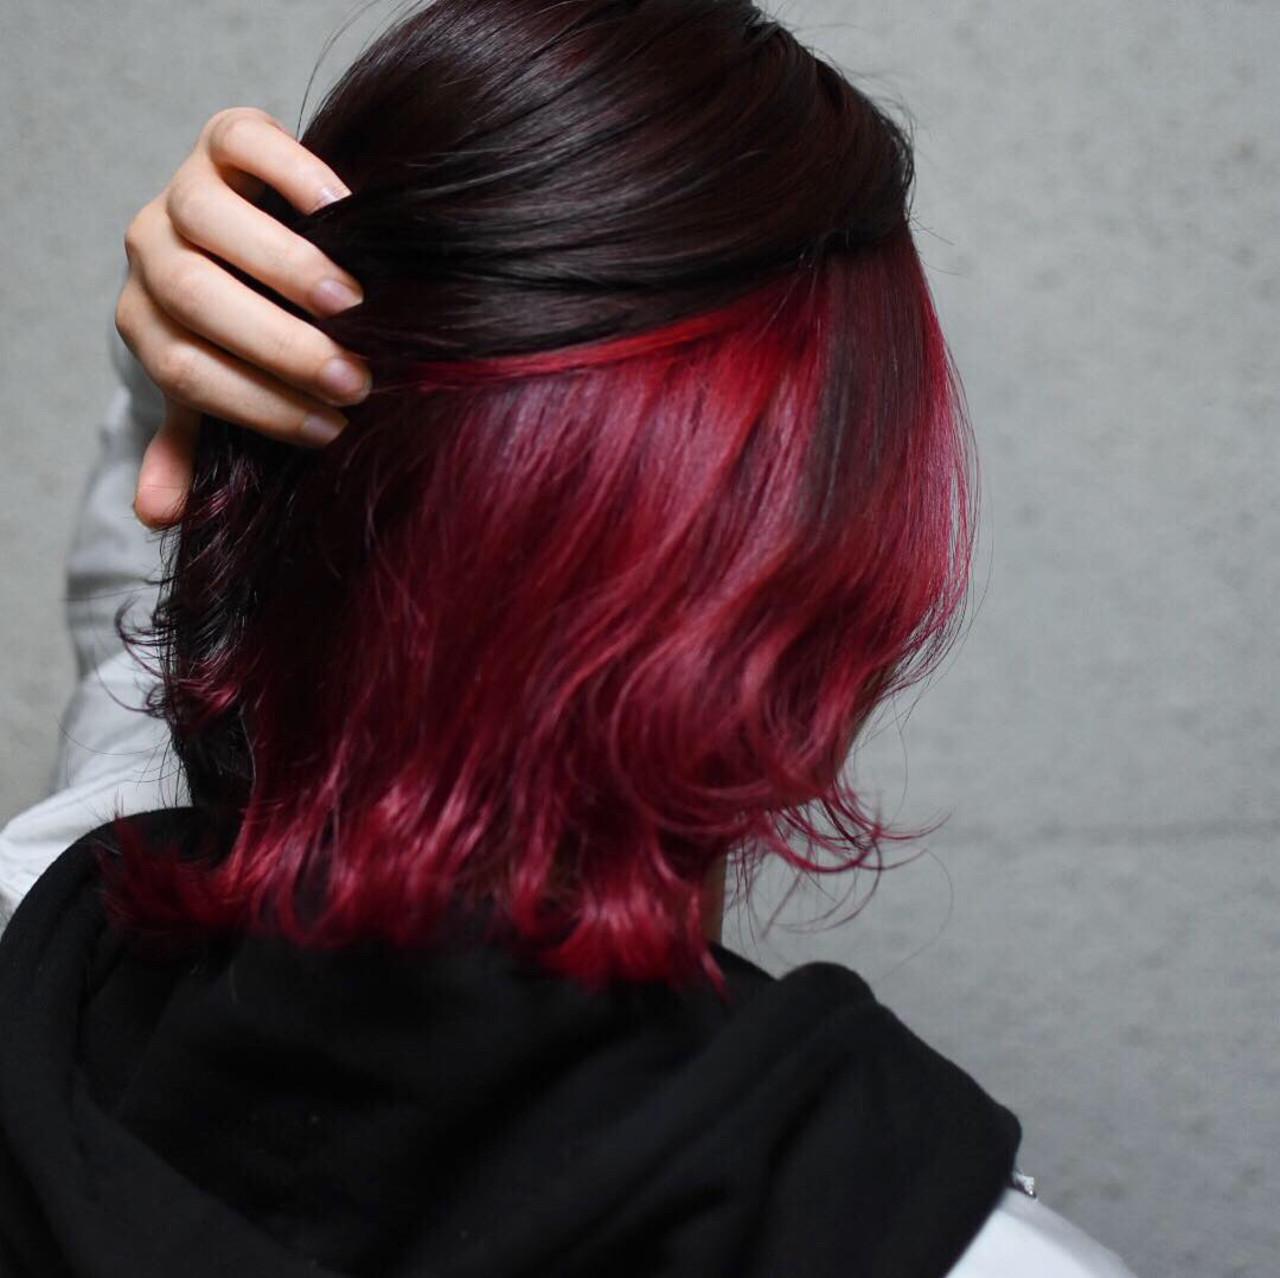 ボブ デザインカラー インナーカラーレッド ストリートヘアスタイルや髪型の写真・画像